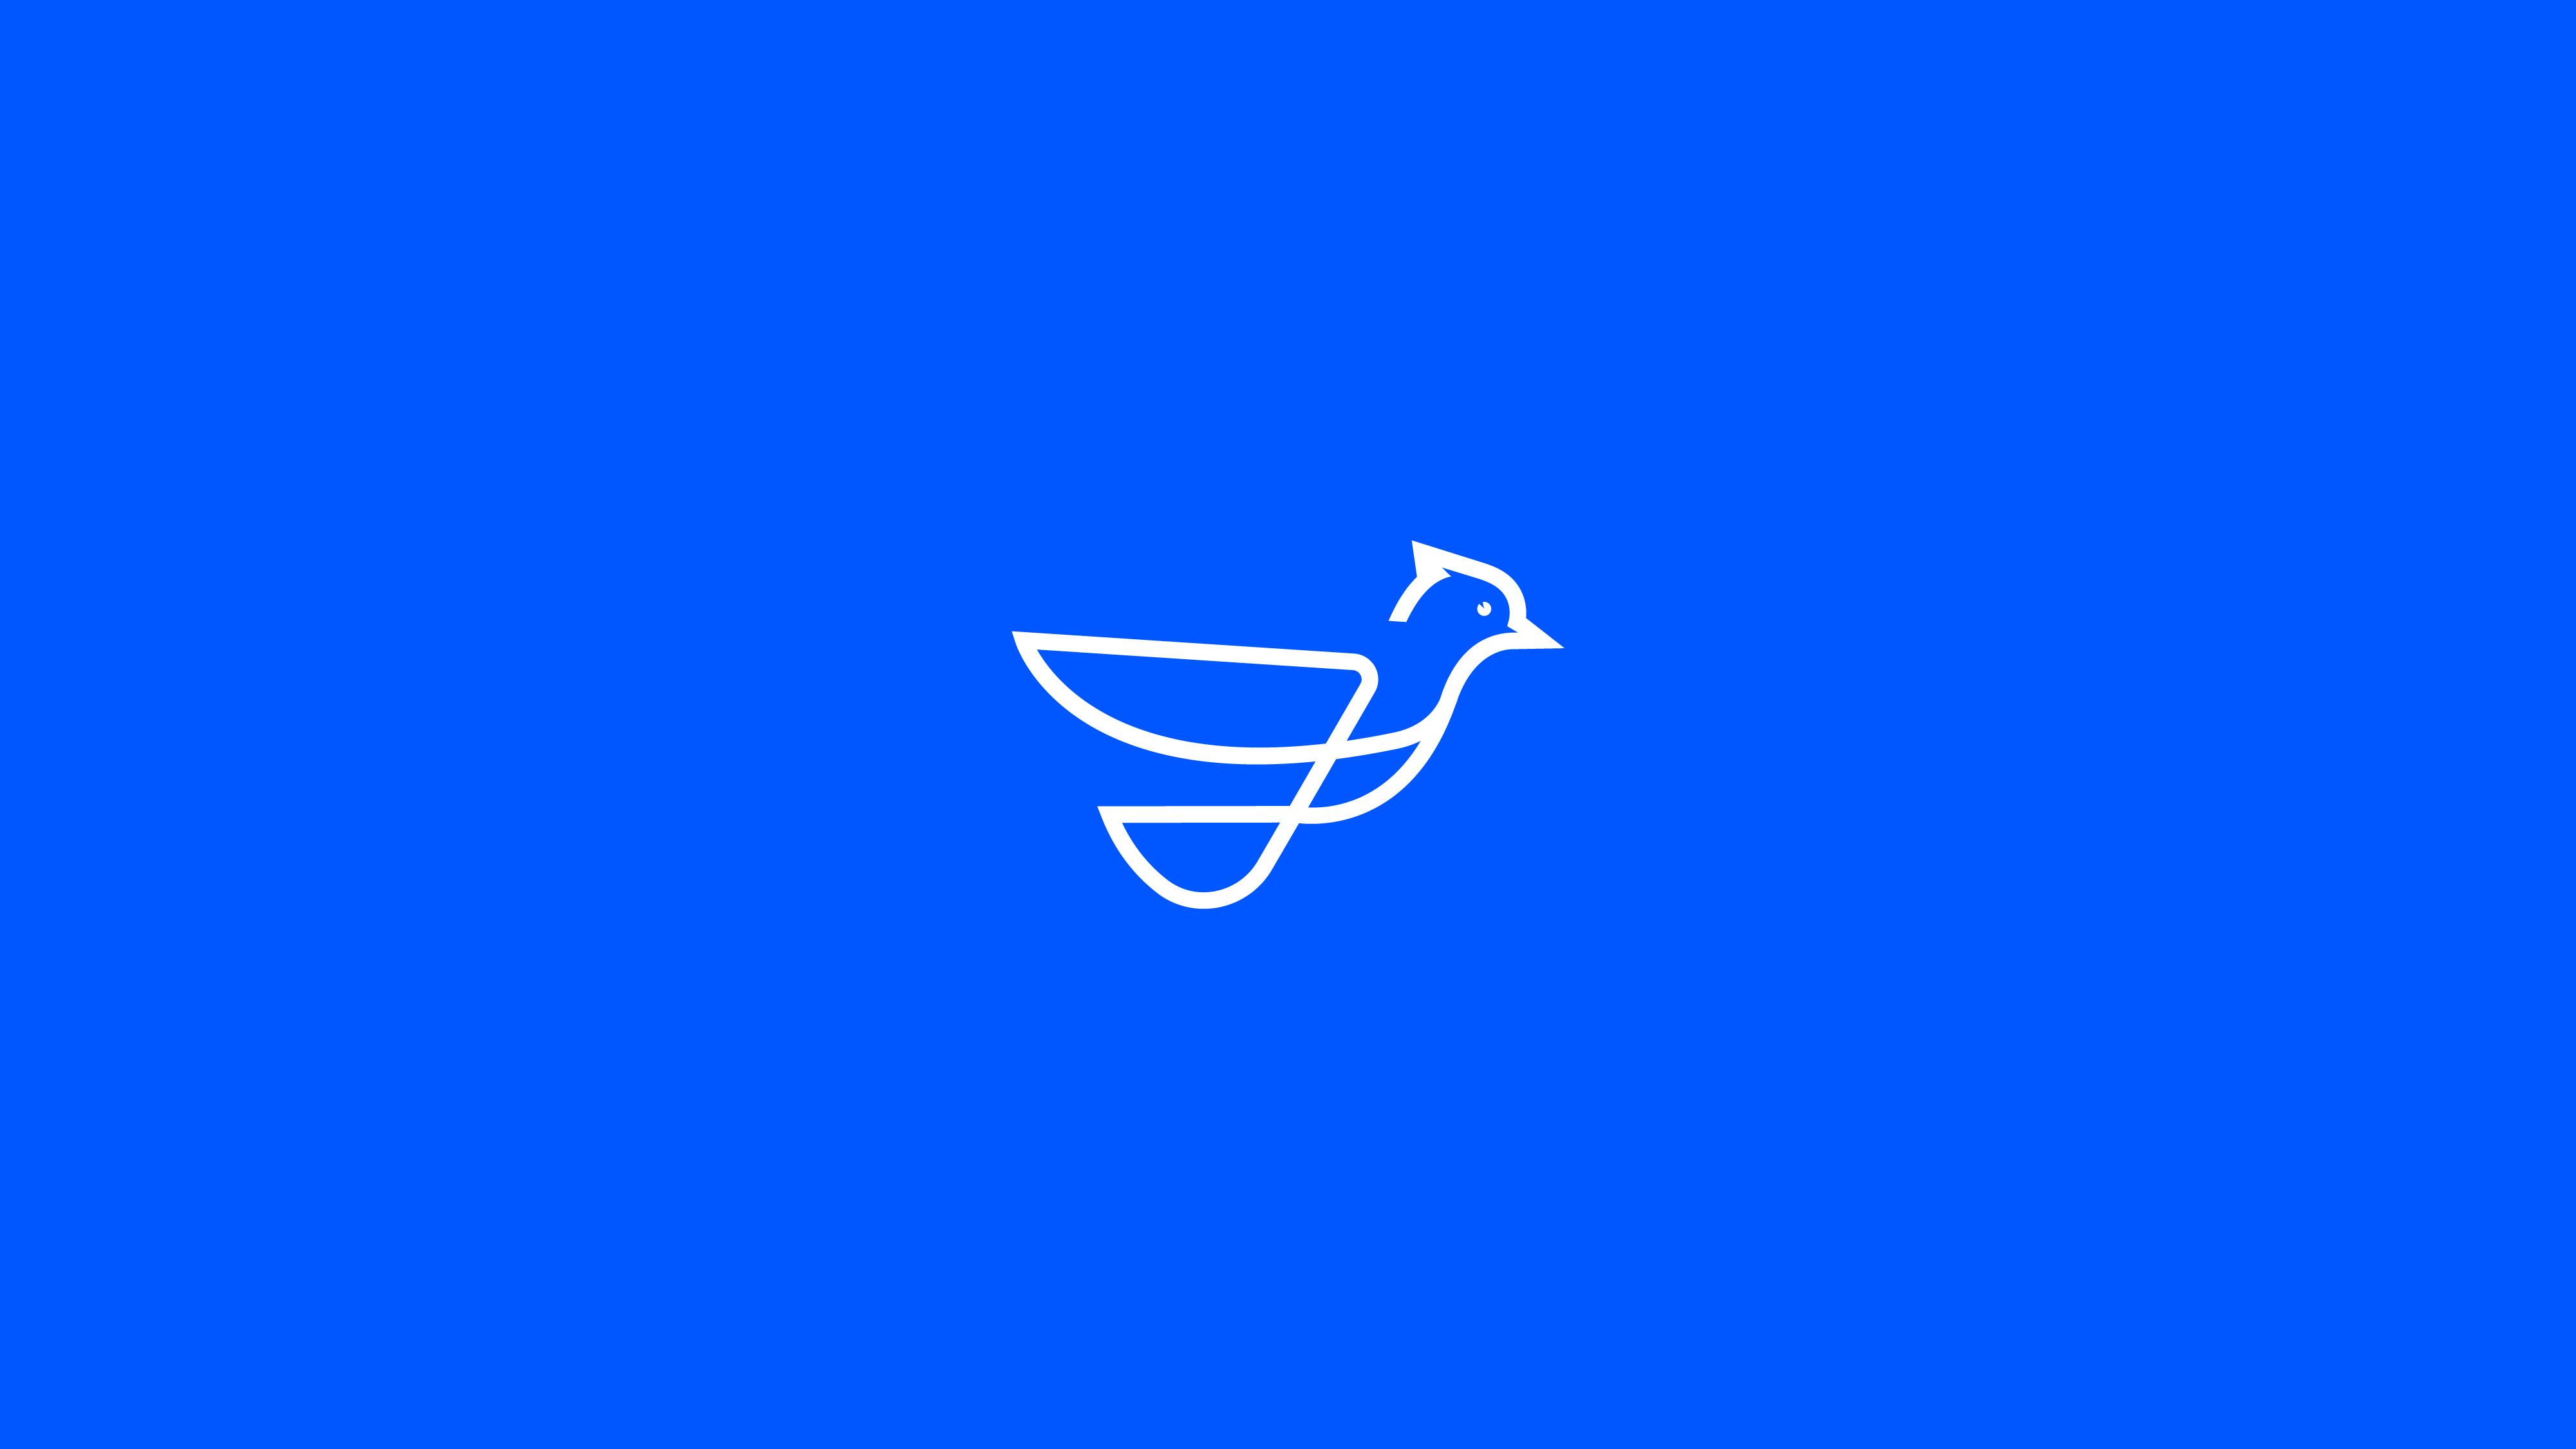 Cardinal-bird-logo-design